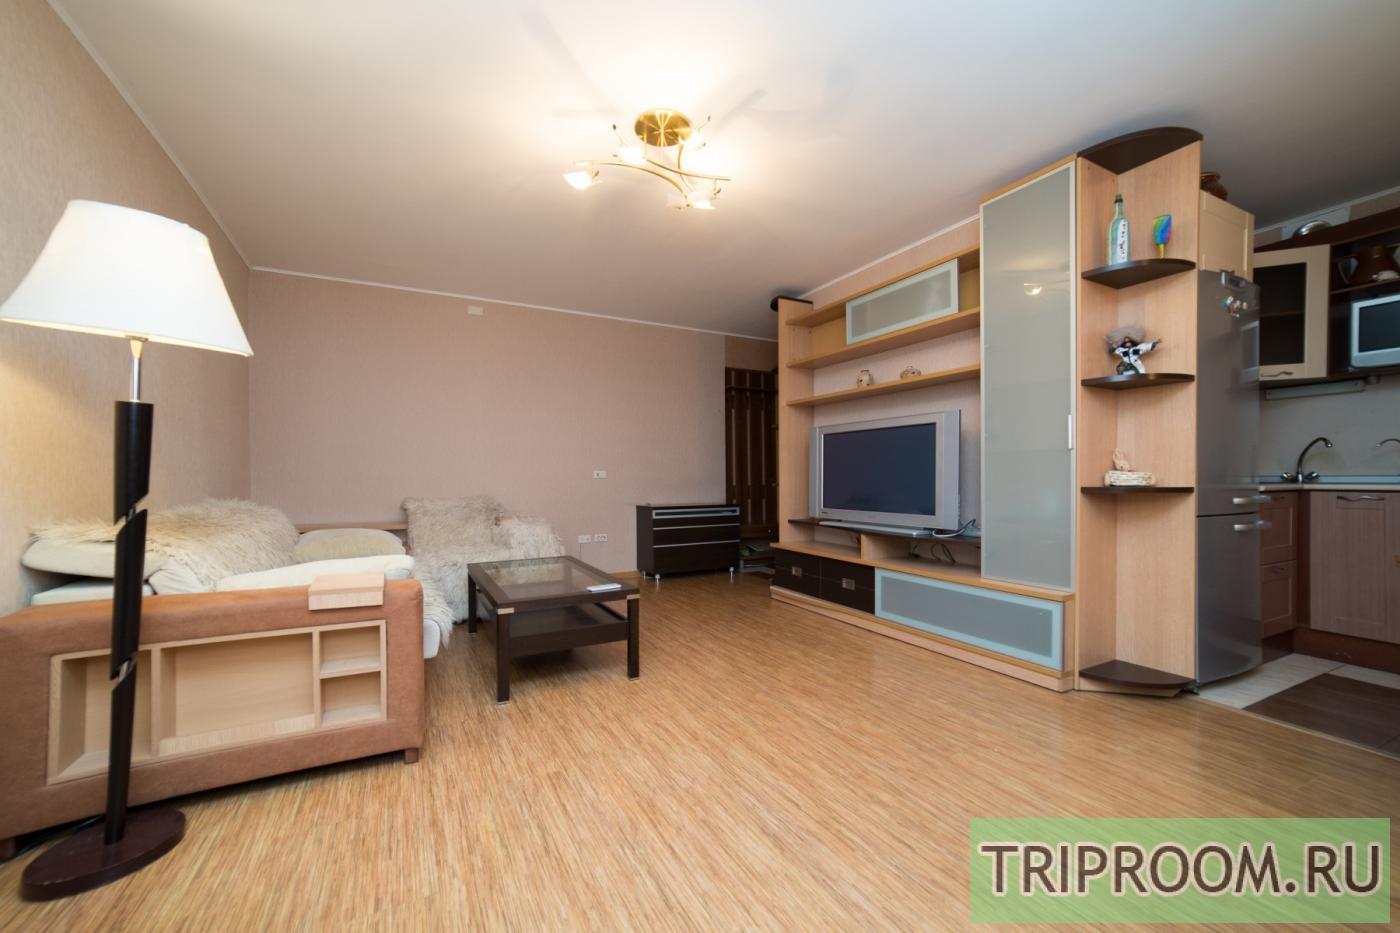 2-комнатная квартира посуточно (вариант № 27140), ул. Ленина улица, фото № 3